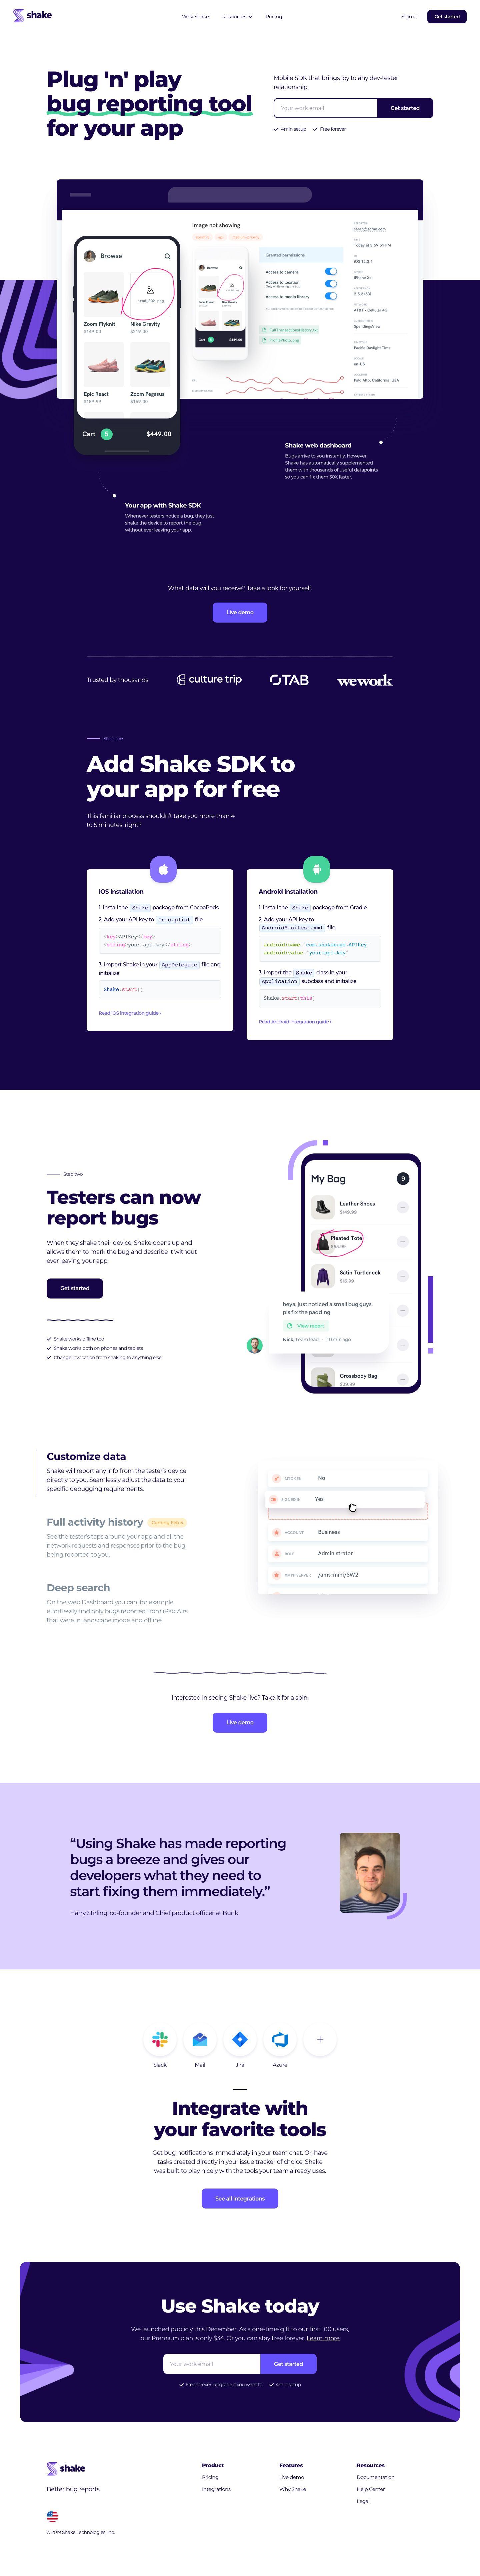 Shake Landing Page Design Inspiration Lapa Ninja Web App Design Landing Page Design Web Design